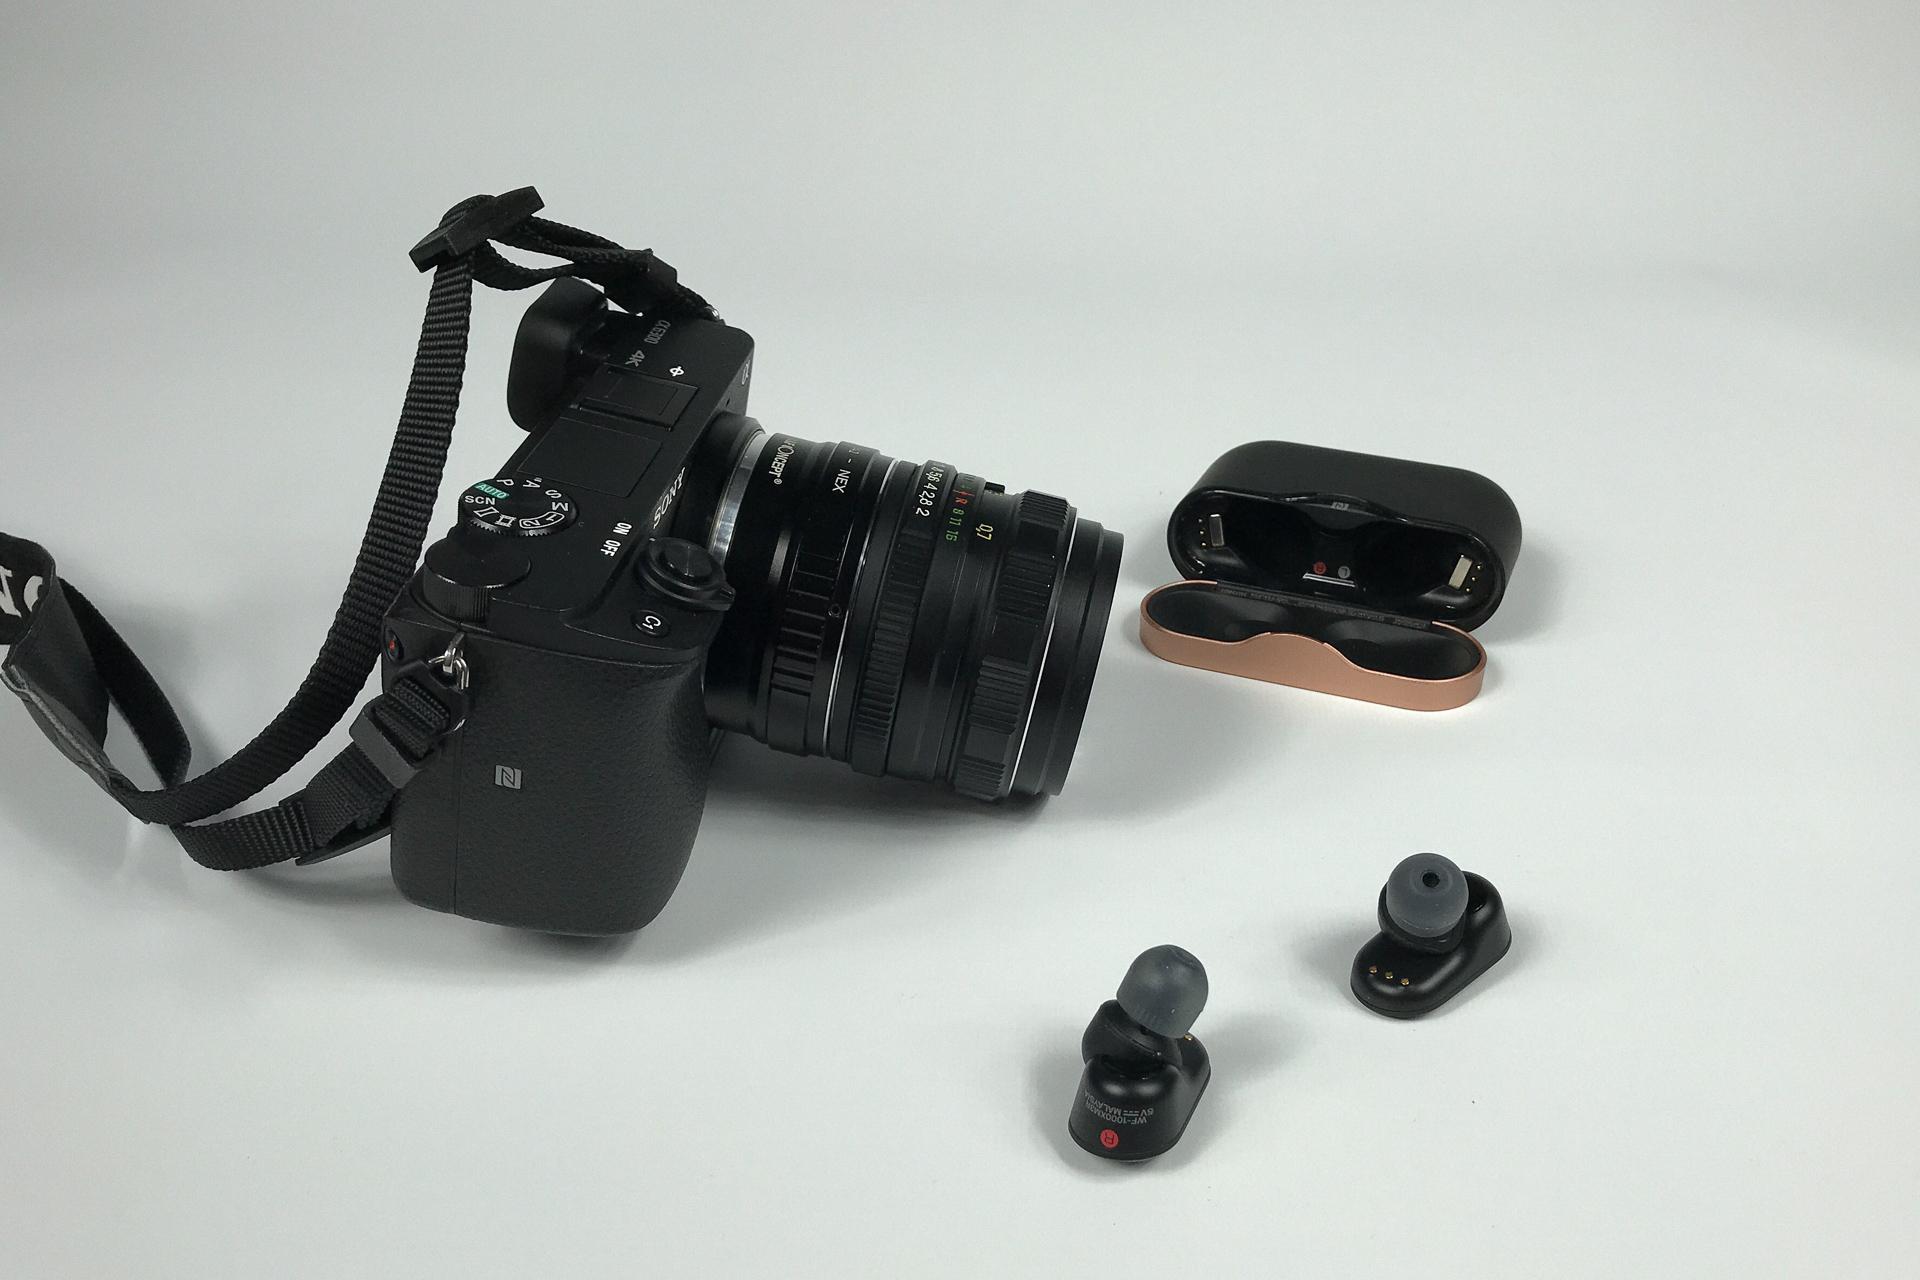 Sony WF-1000XM3 i Sony ILCE-6300